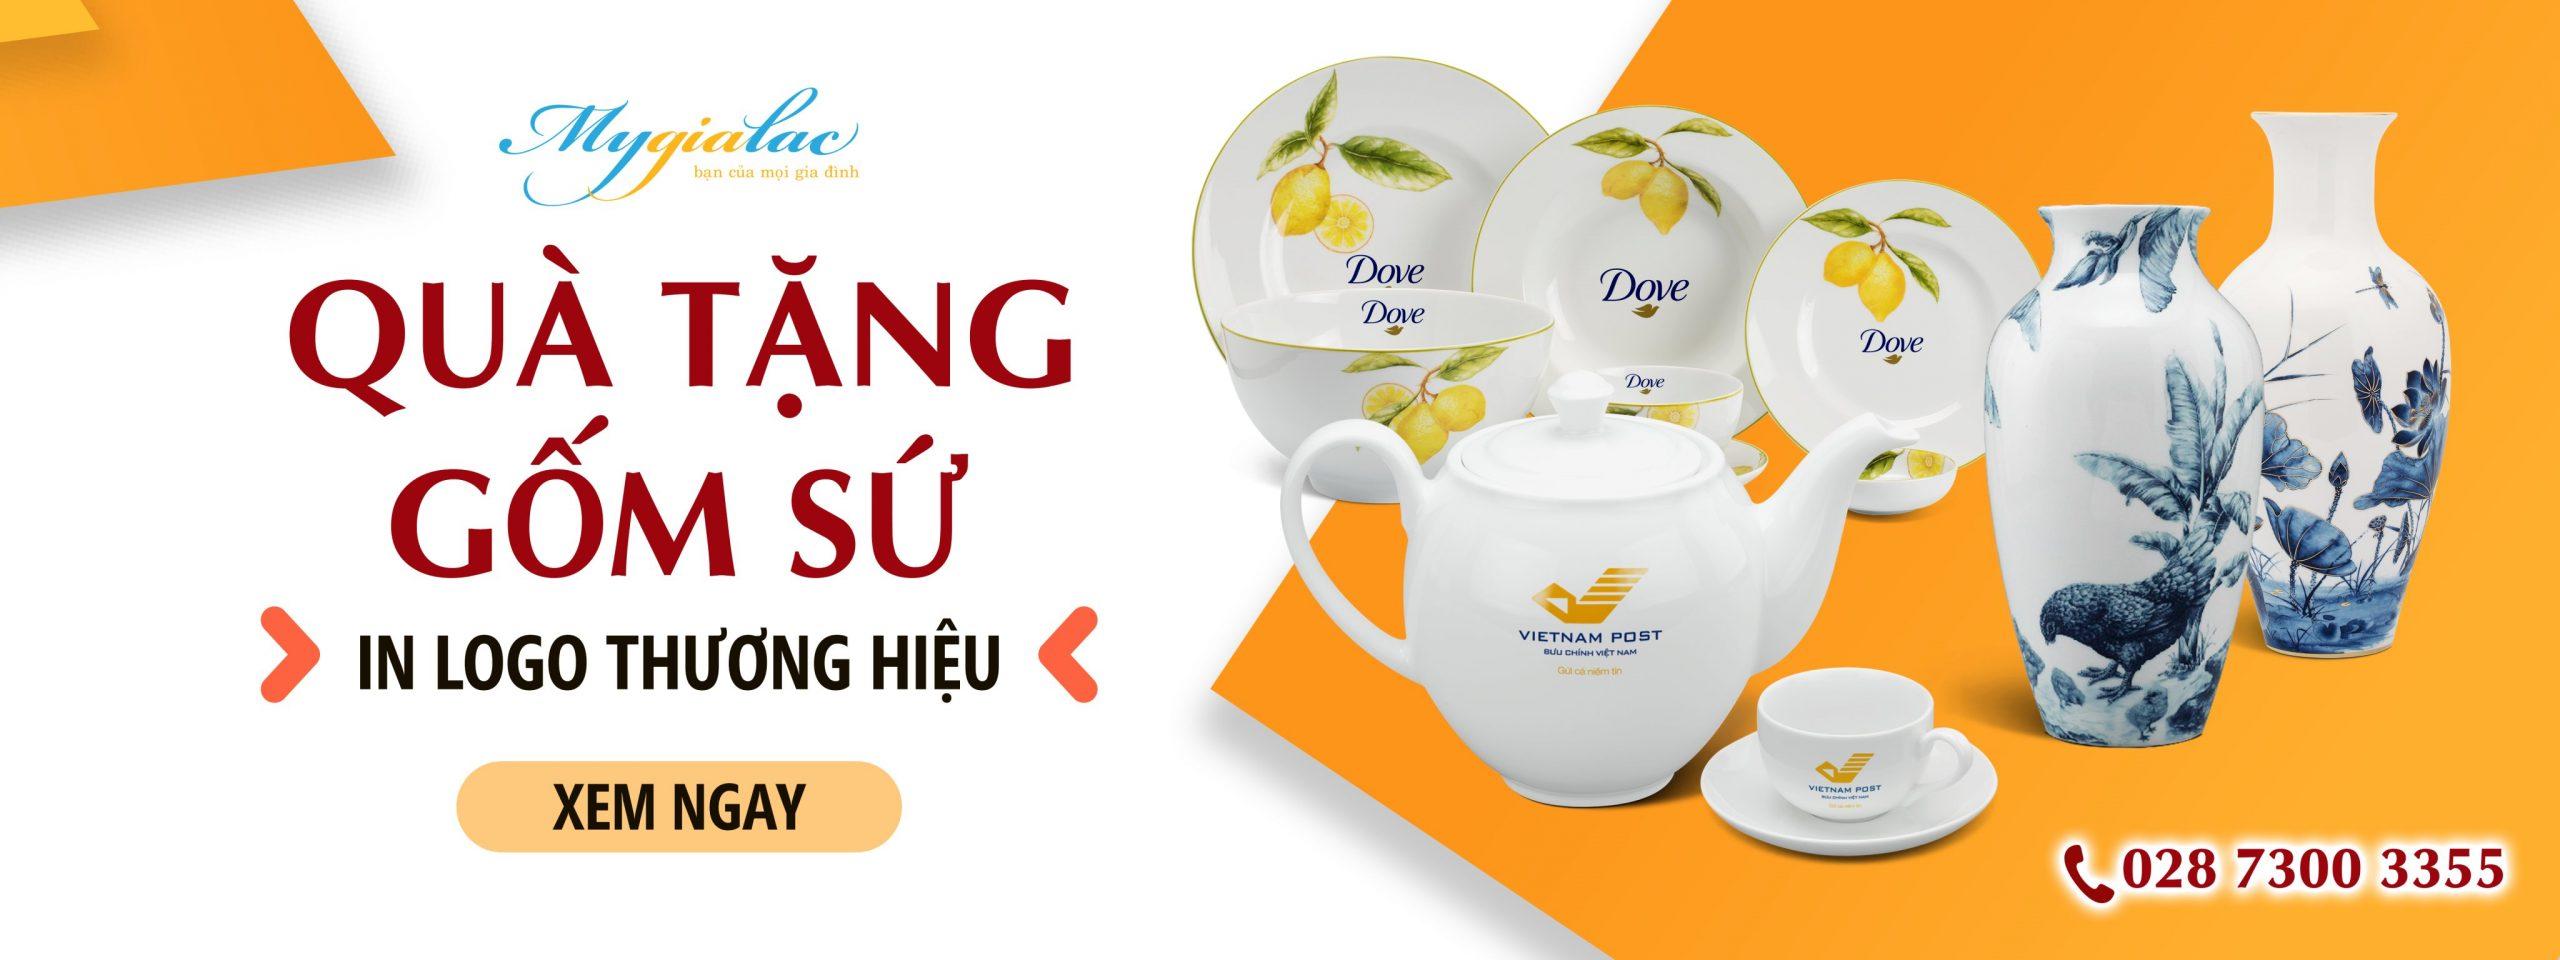 Banner Qua Tang Doanh Nghiep